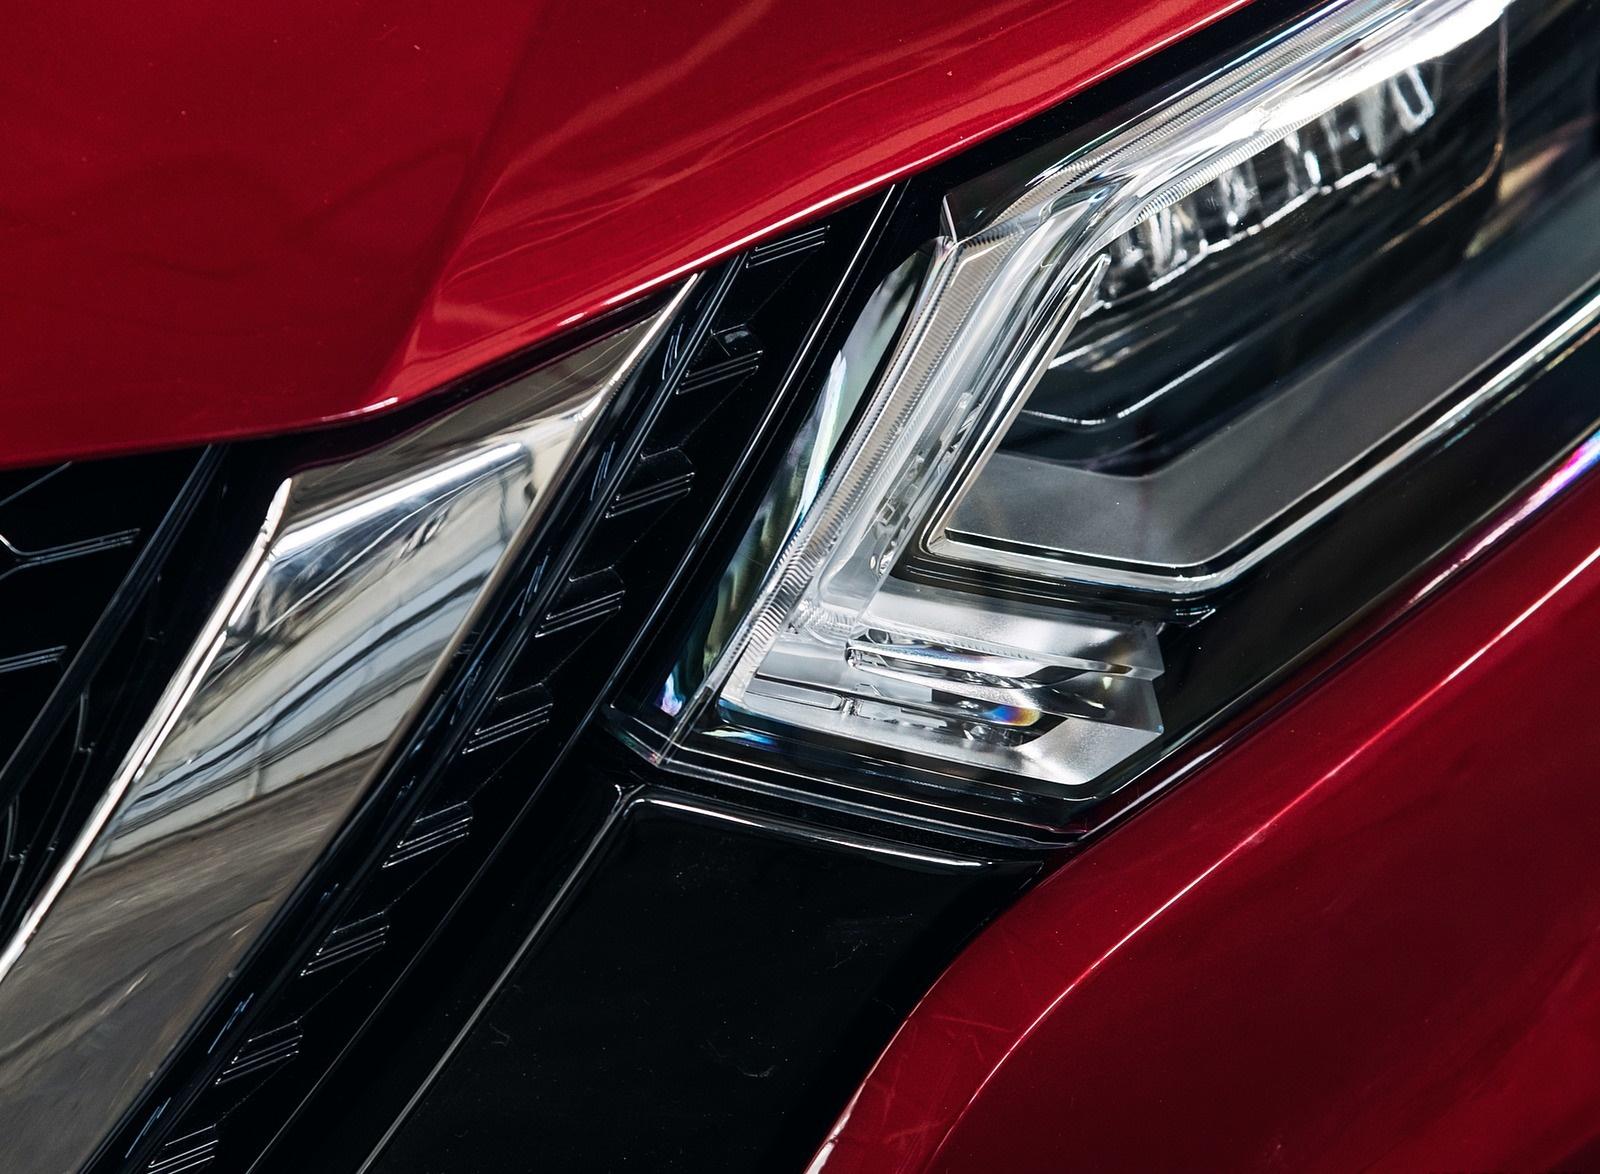 2020 Nissan Rogue Sport Detail Wallpapers (8)